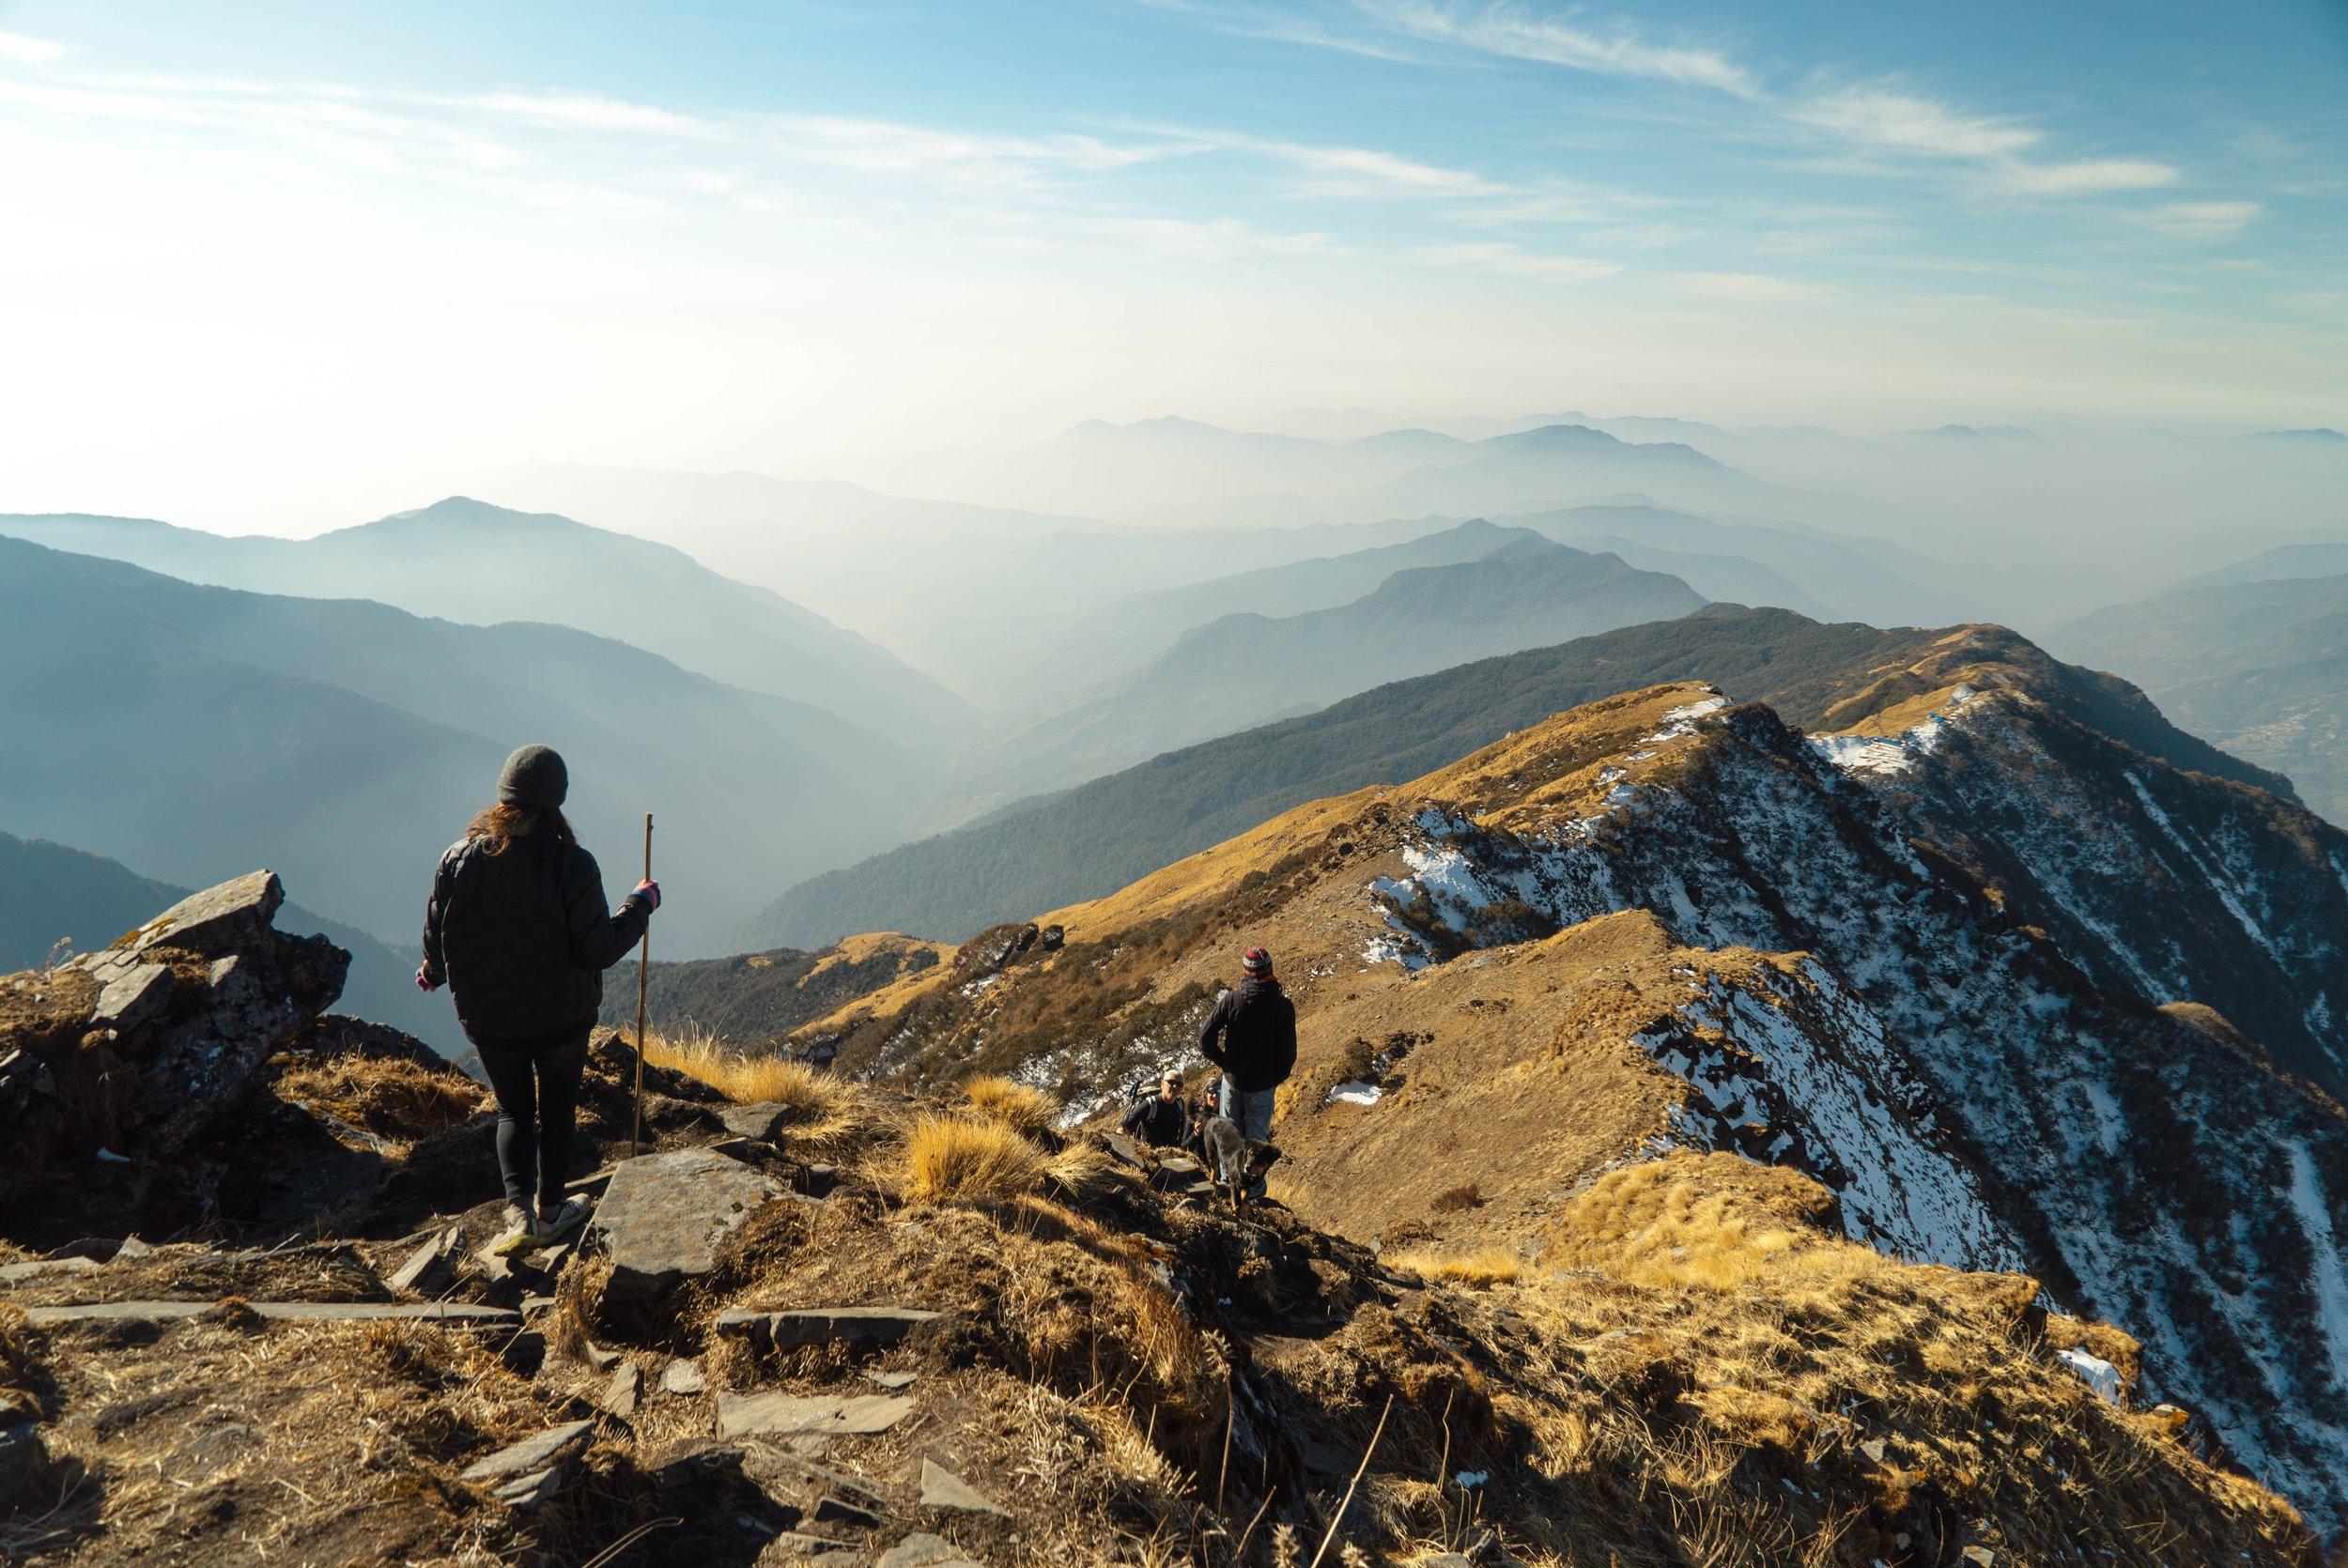 people-talking-on-mountaintop-austin-ban.jpg